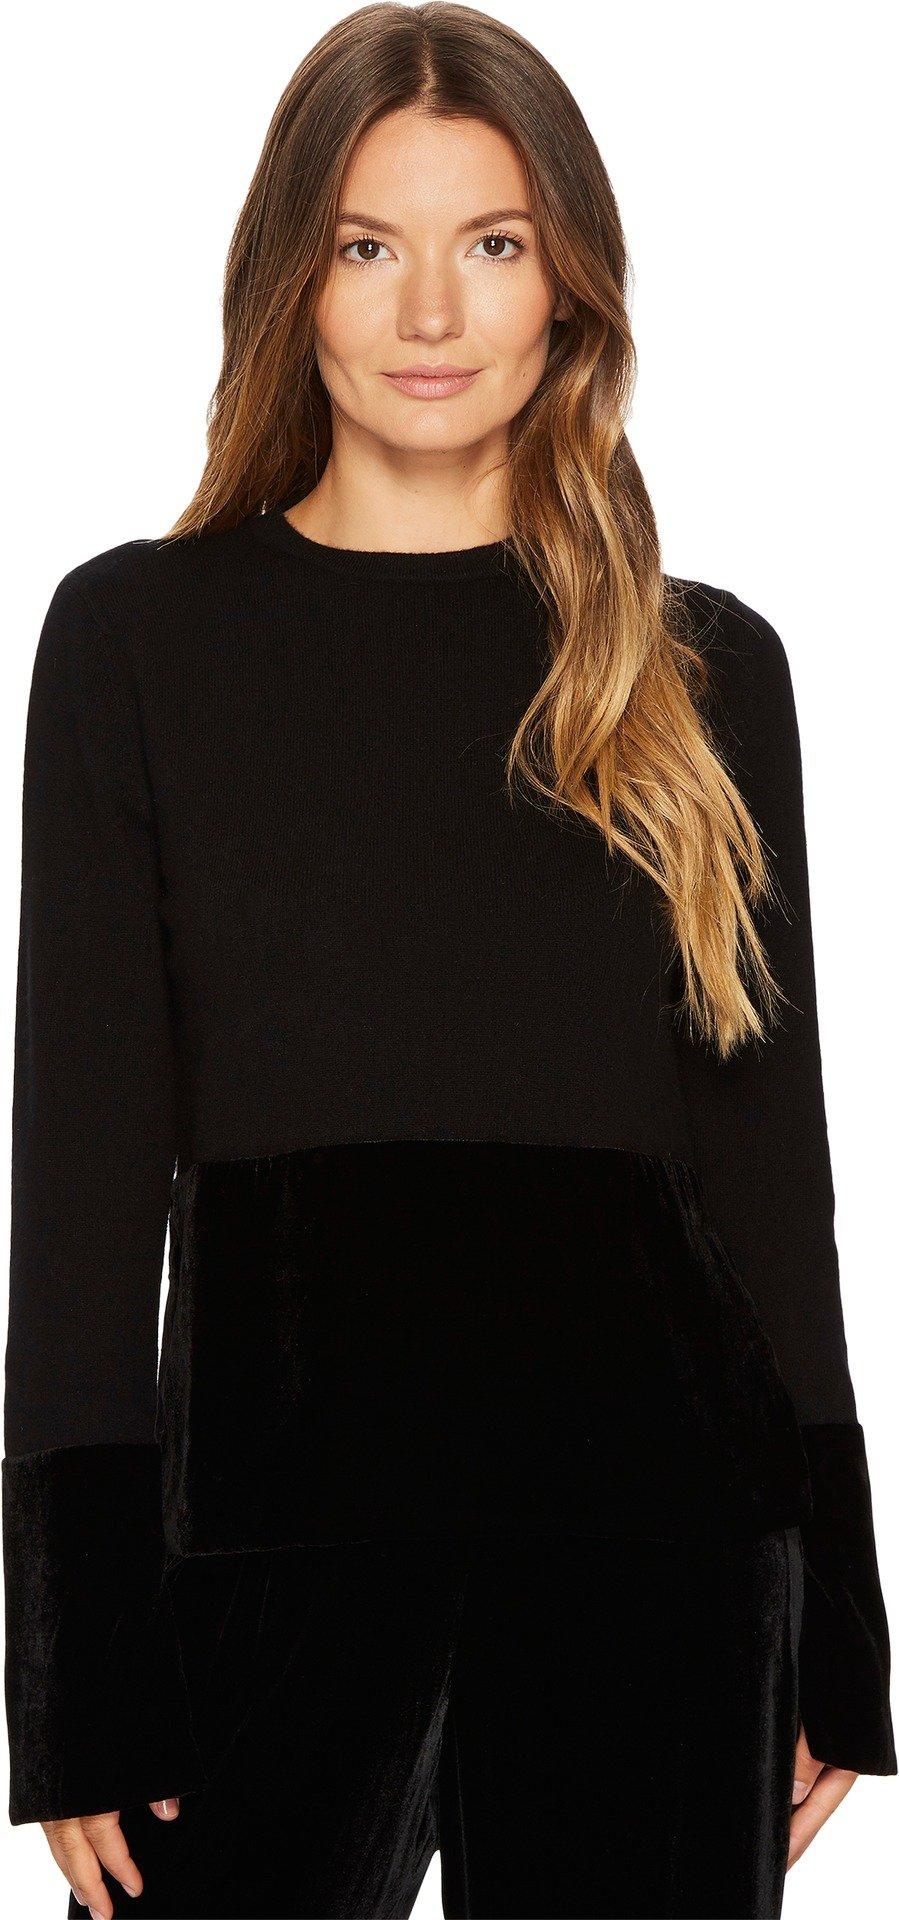 Cashmere In Love Women's Taylor Pullover with Velvet Panel Black/Black Velvet Medium